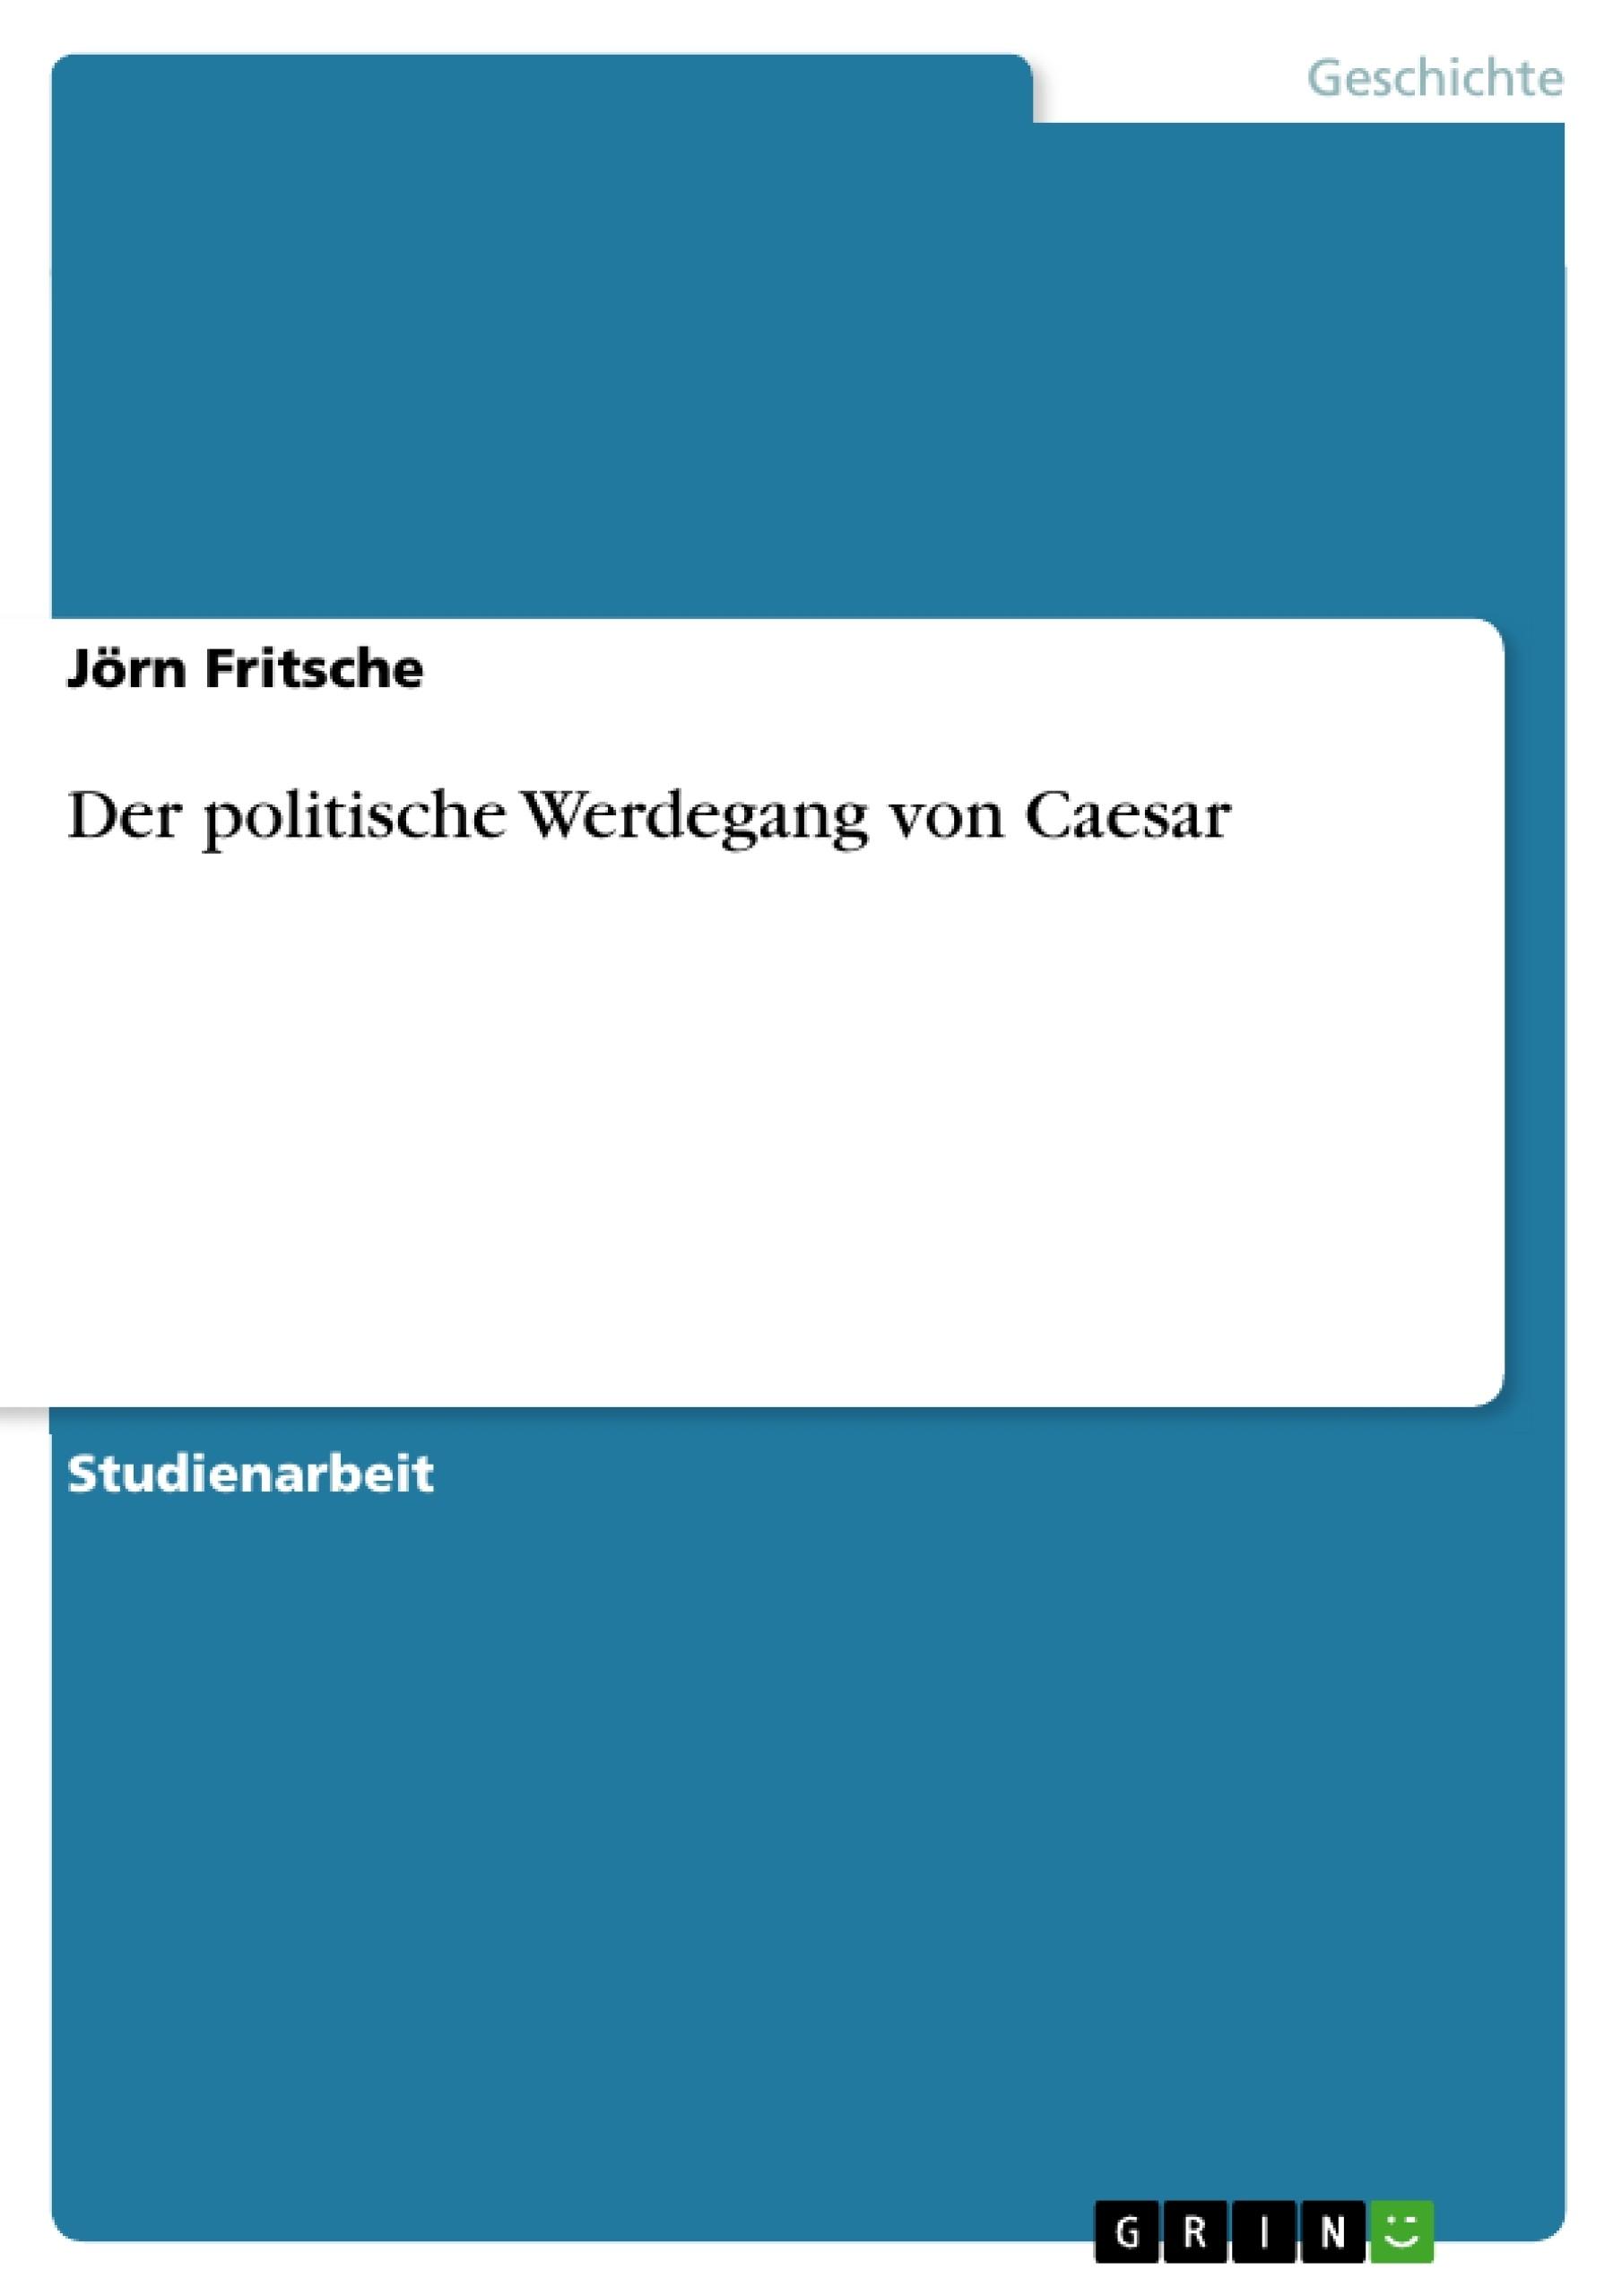 Titel: Der politische Werdegang von Caesar